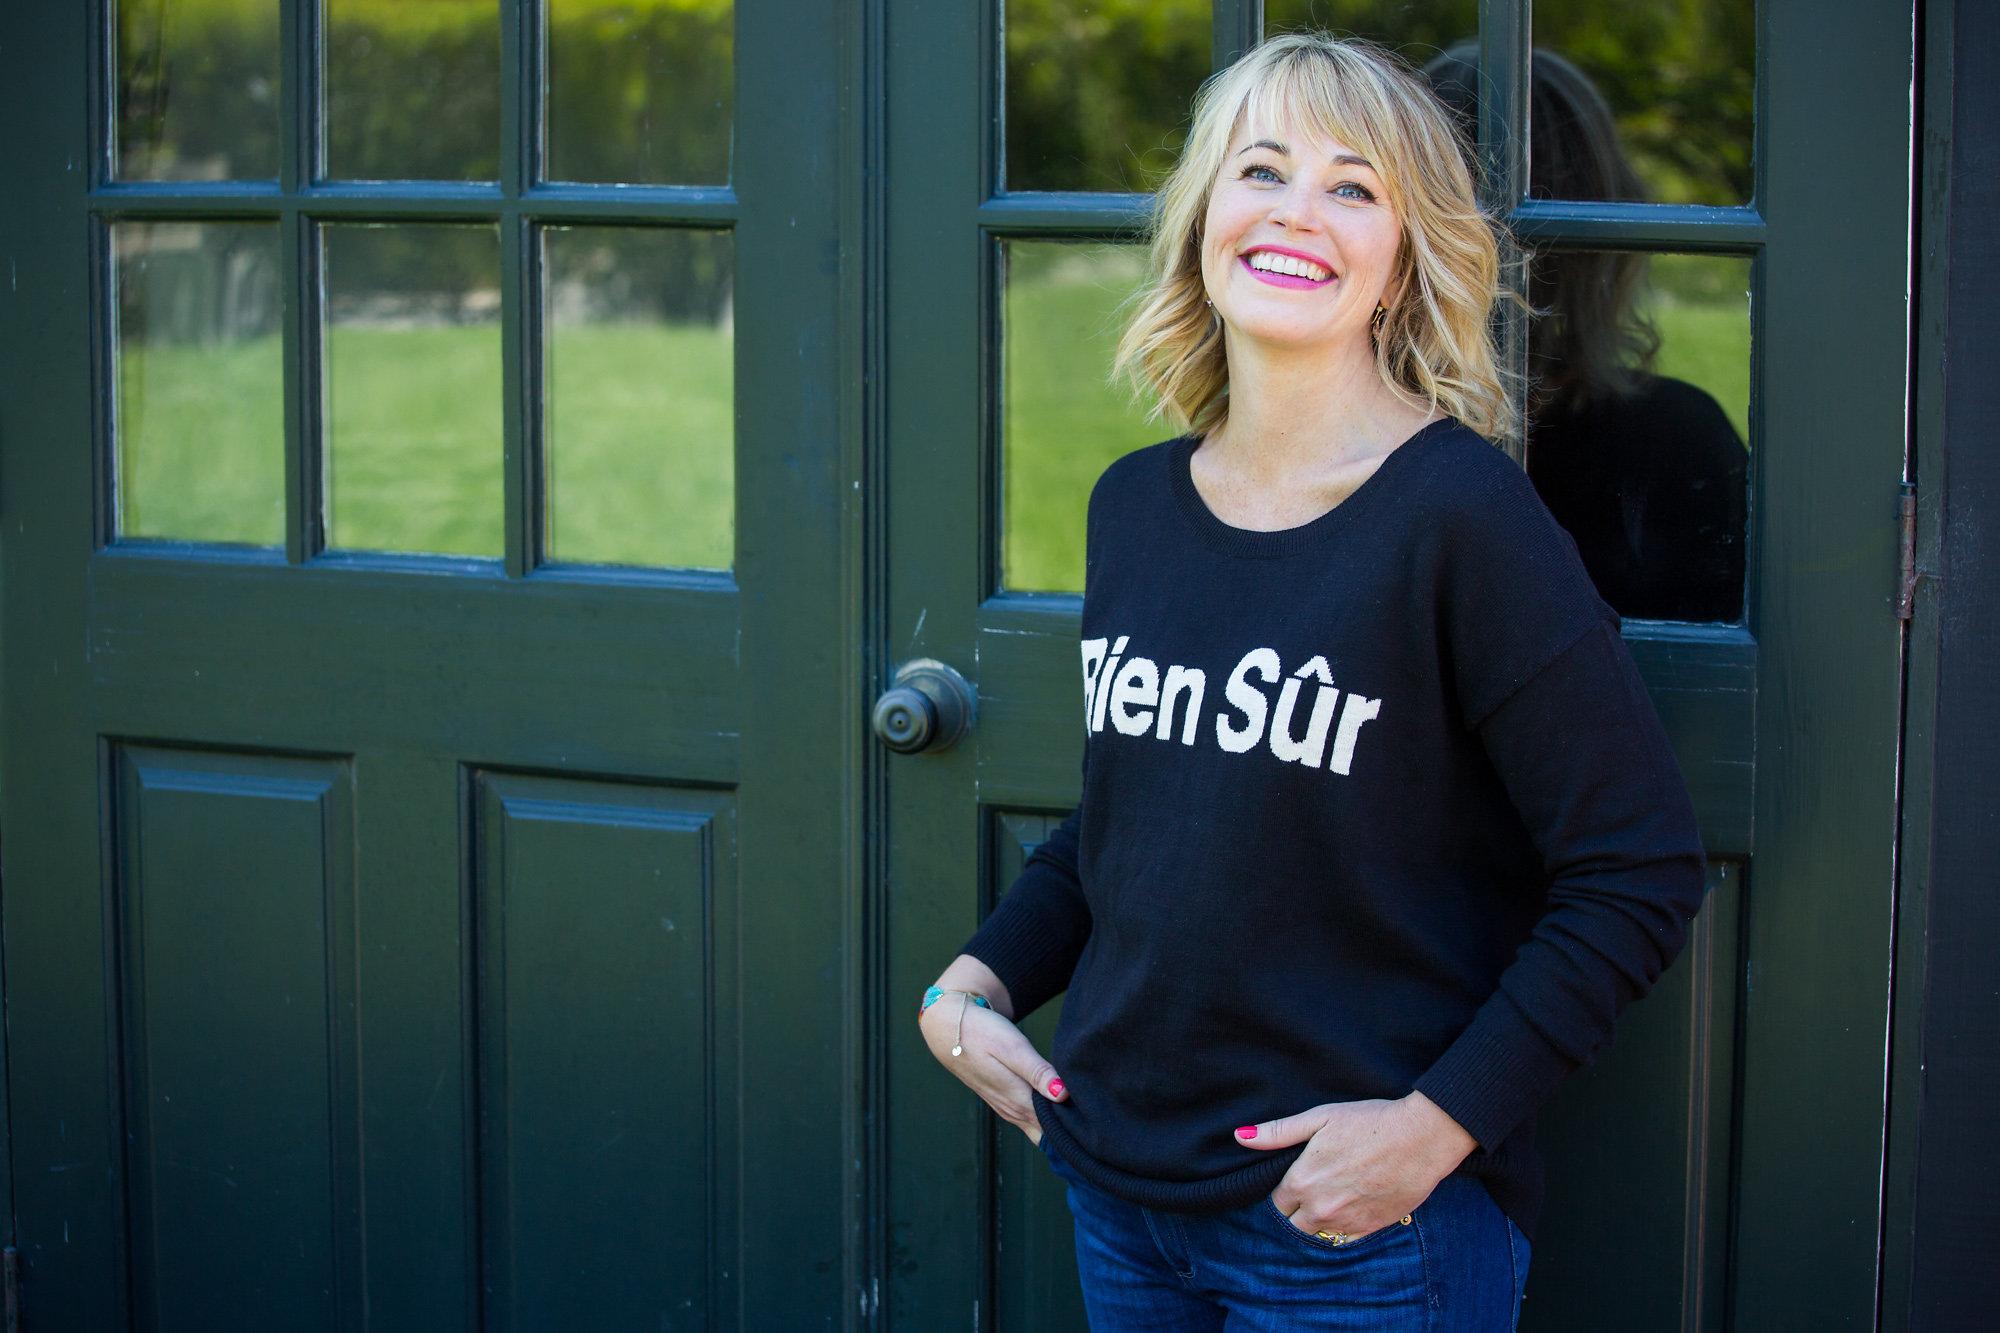 About Bien Sur  Meet Jen